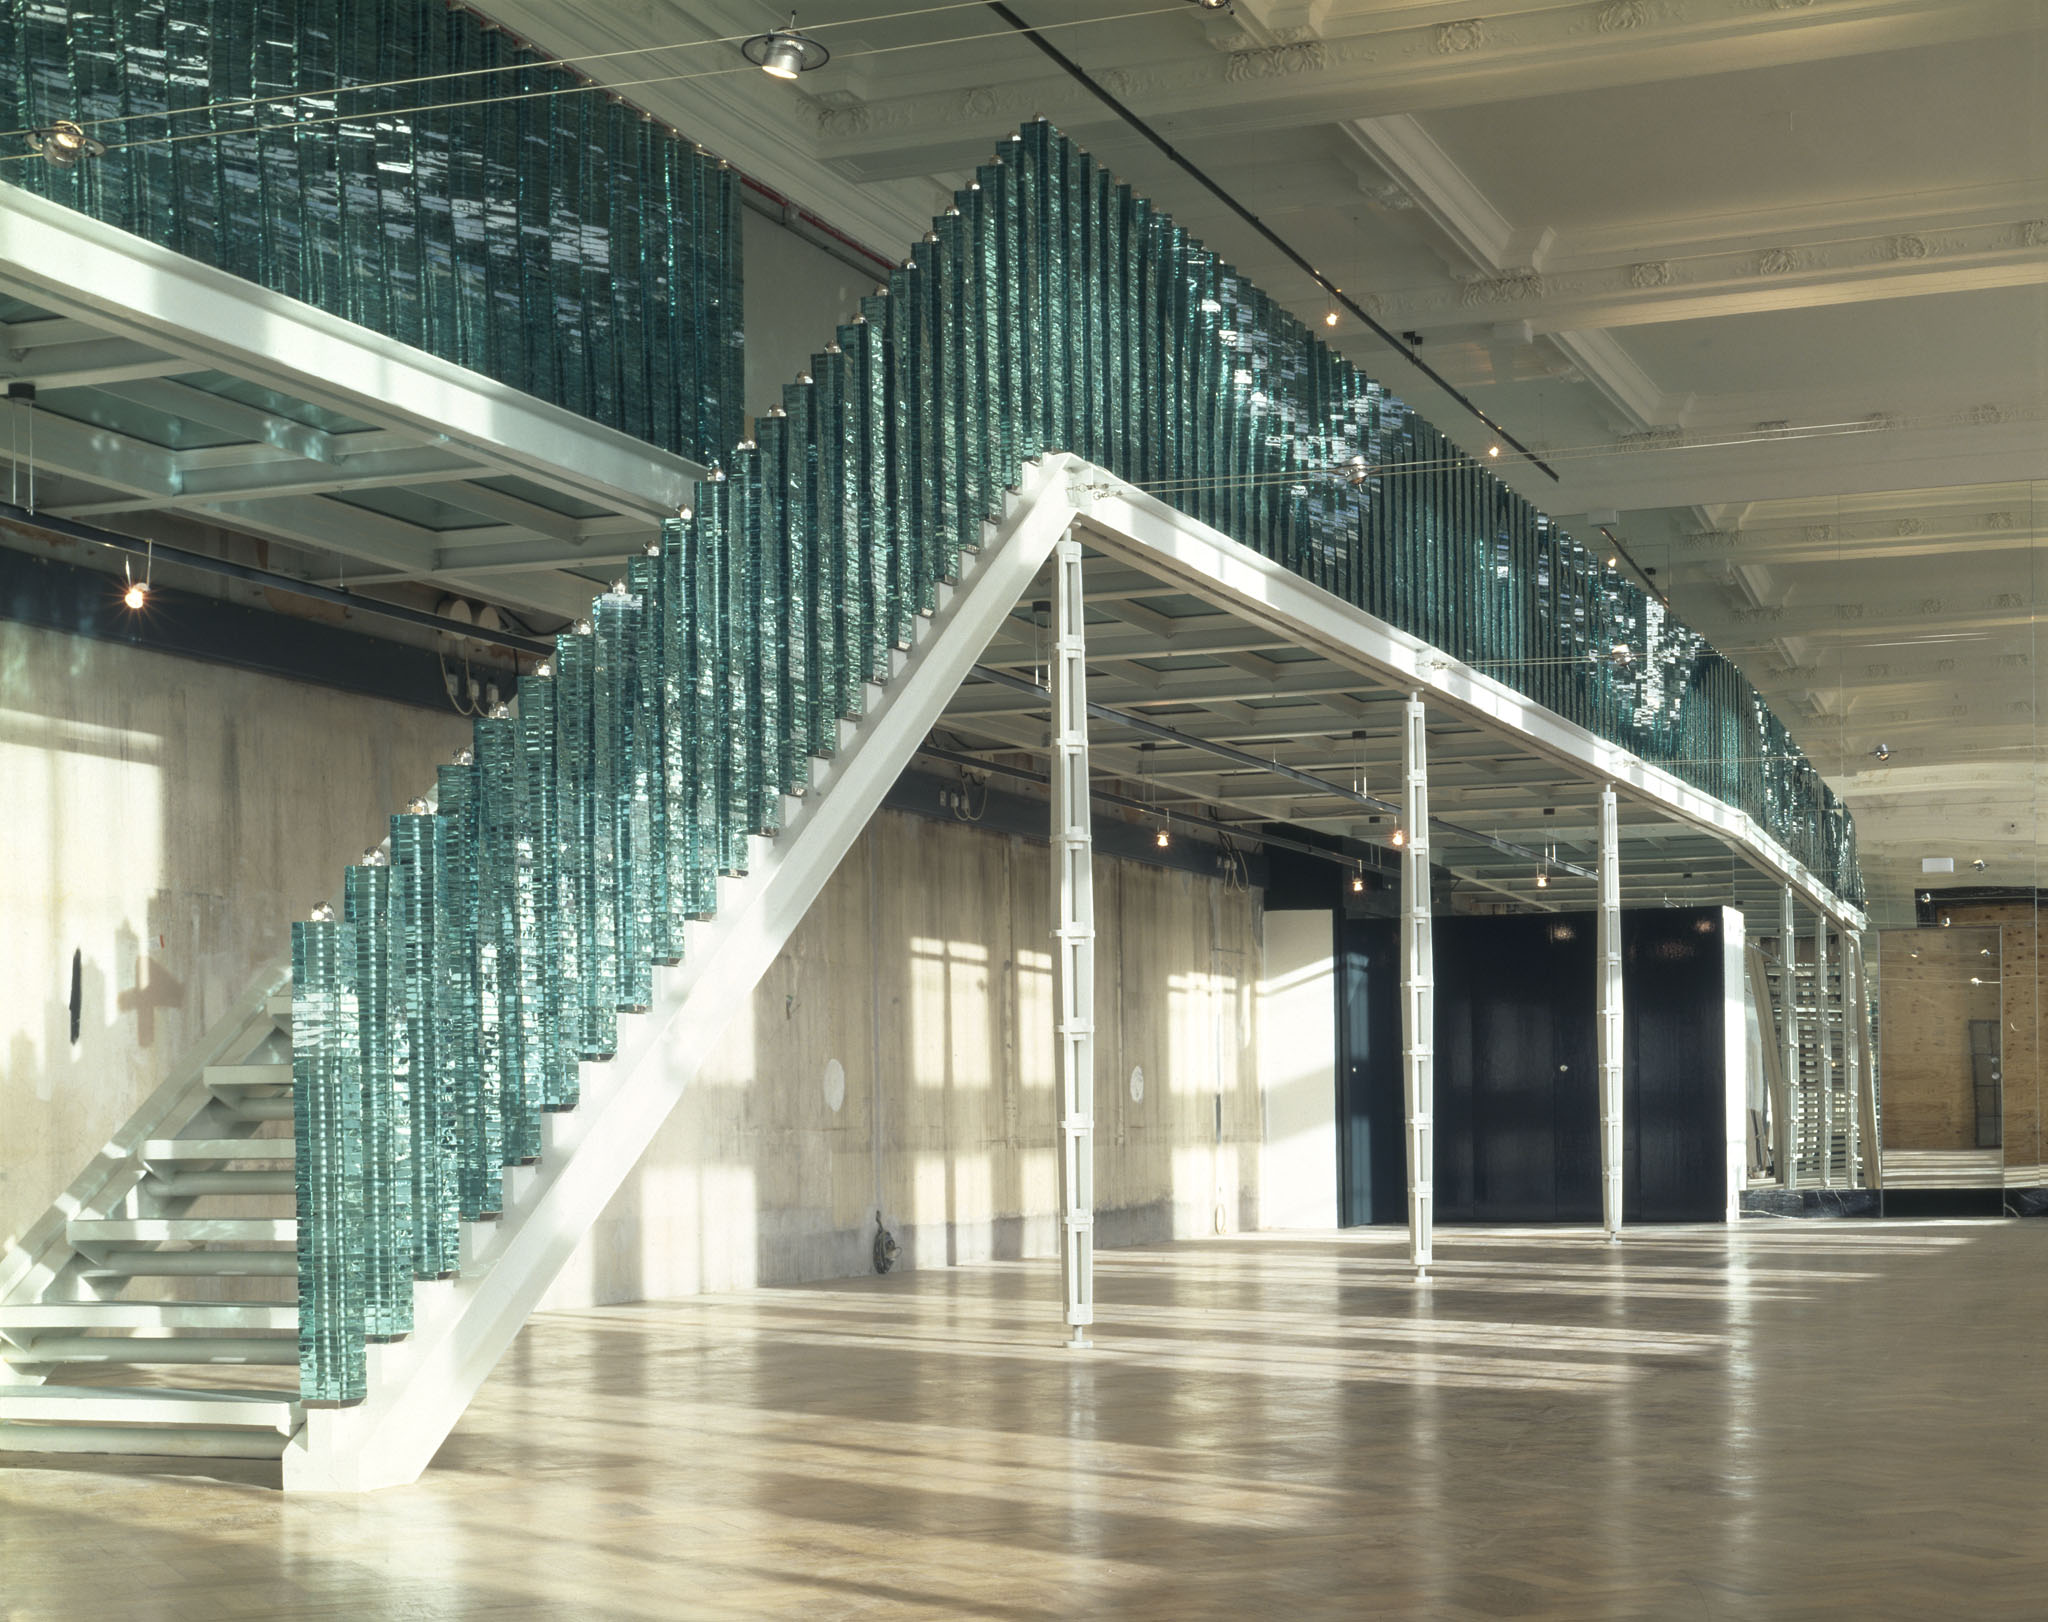 Focus op modern design met een glazen balustrade